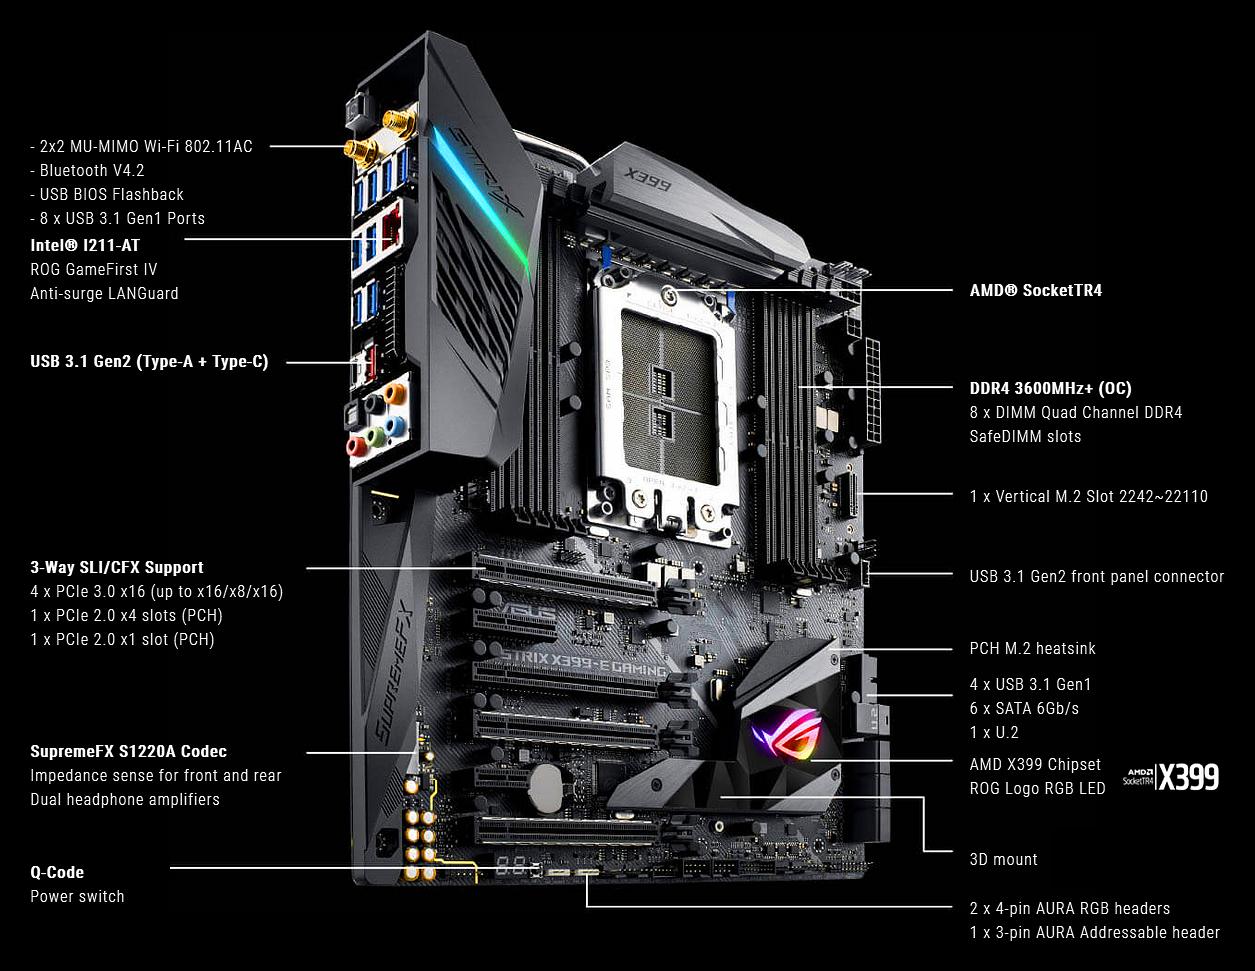 Asus ROG STRIX X399-E GAMING w/ DDR4-2666, 7 1 Audio, GB LAN